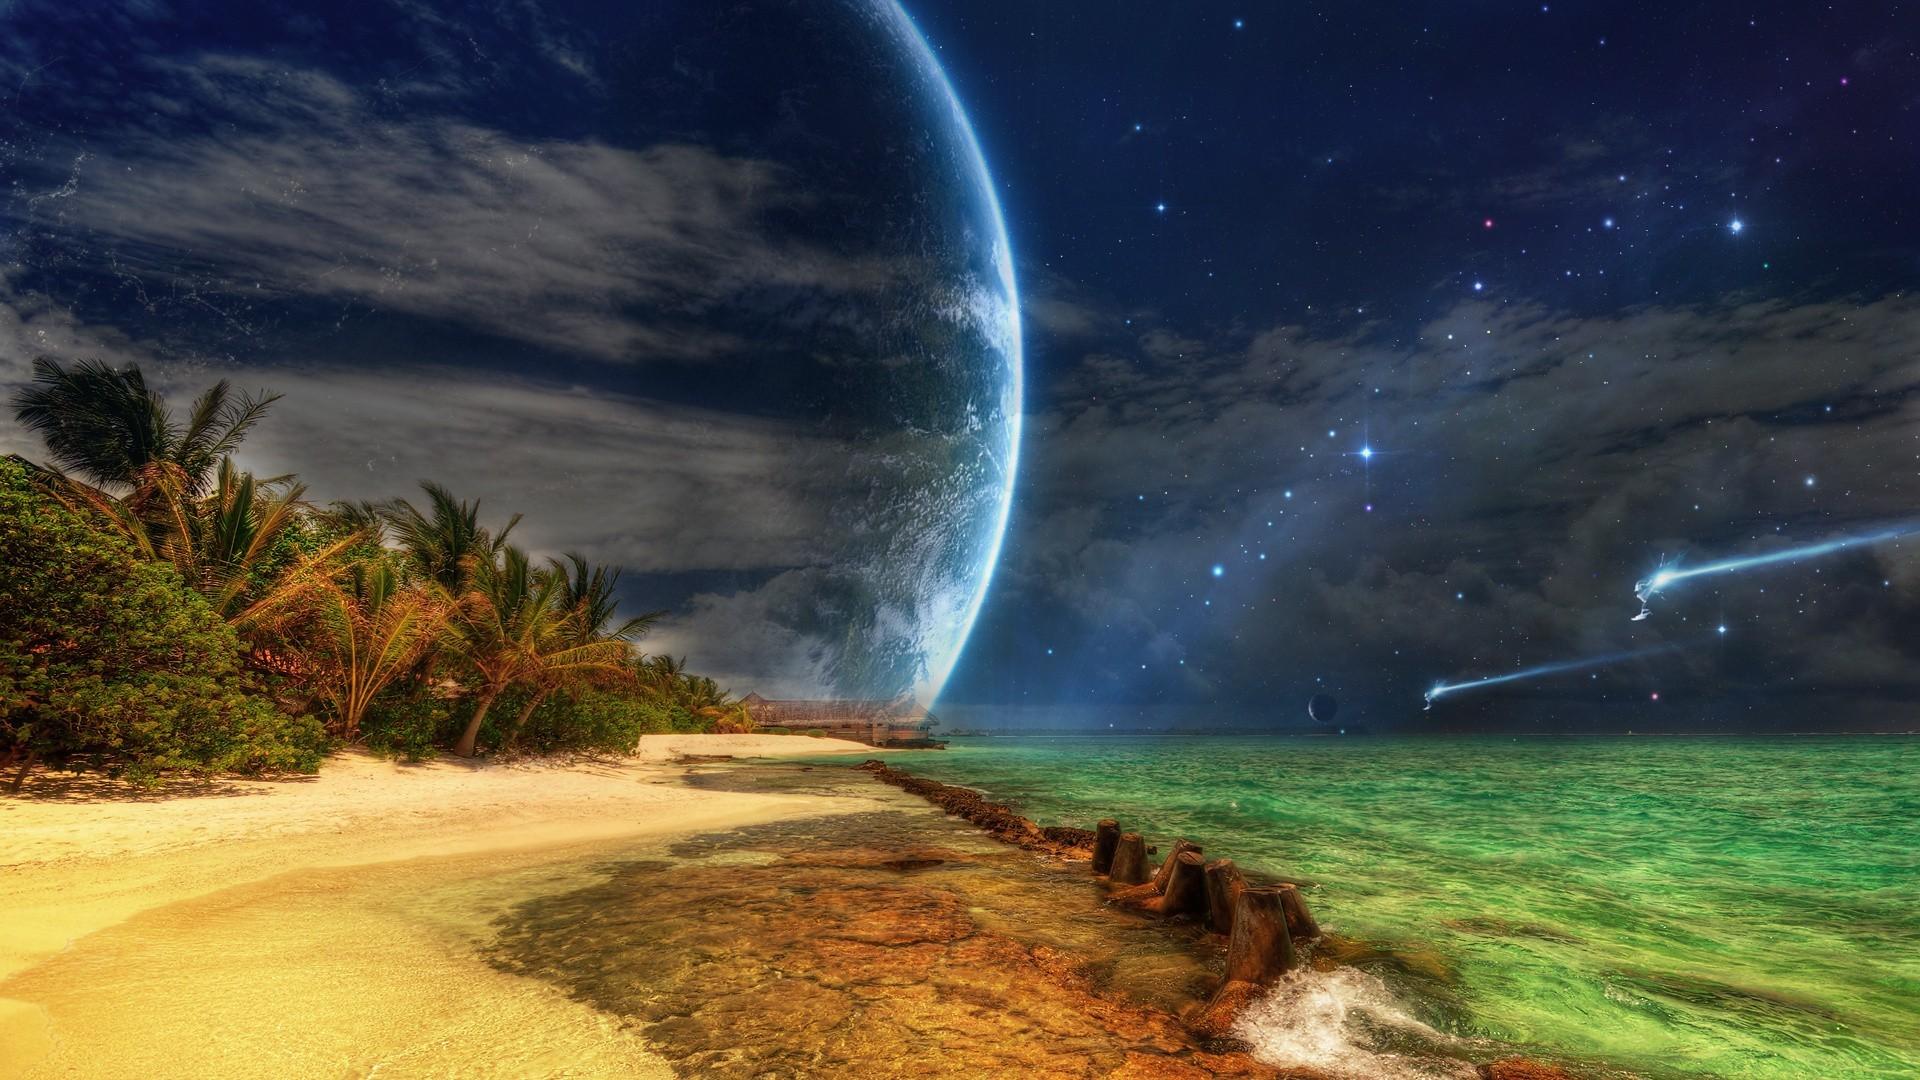 Sci-Fi Landscape Alien Planets (page – Pics about space